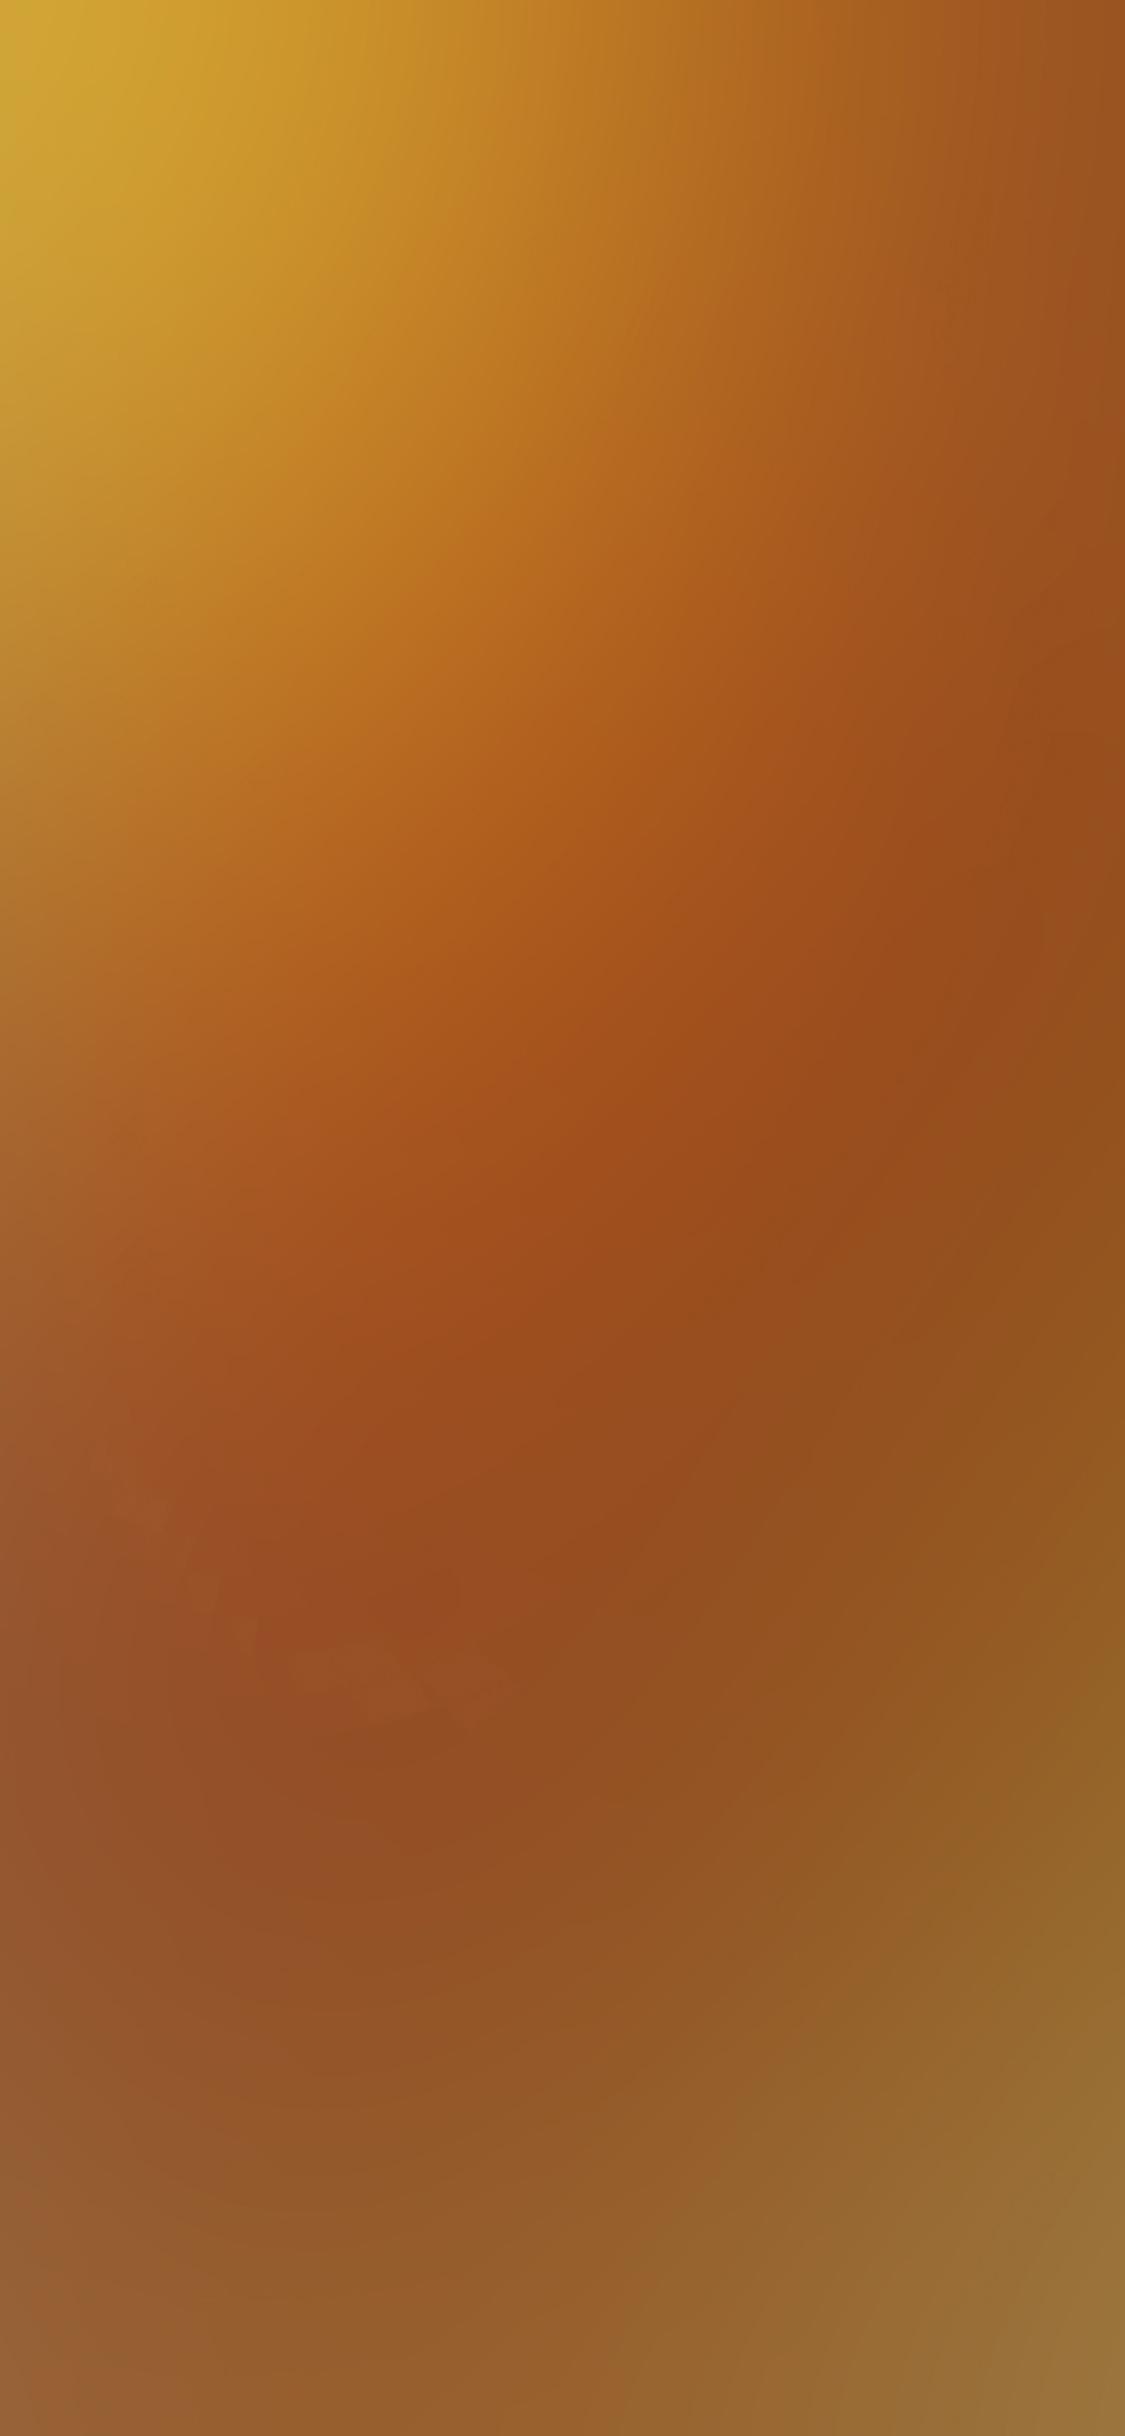 iPhoneXpapers.com-Apple-iPhone-wallpaper-sb99-gold-mbc-blur